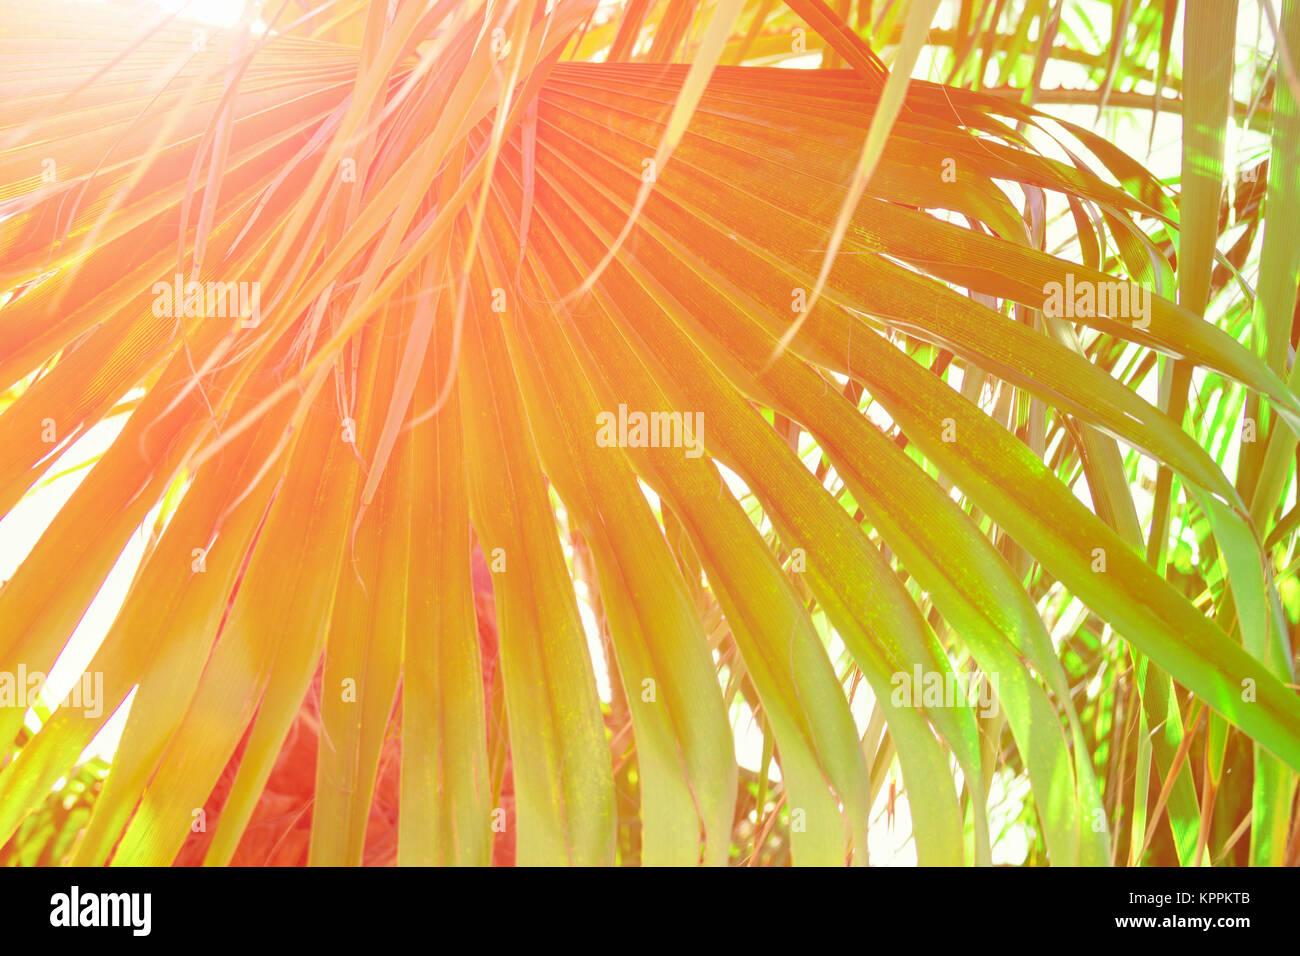 Redondo grande de hoja de palma puntiagudo Golden Sun Hipster tonos ...